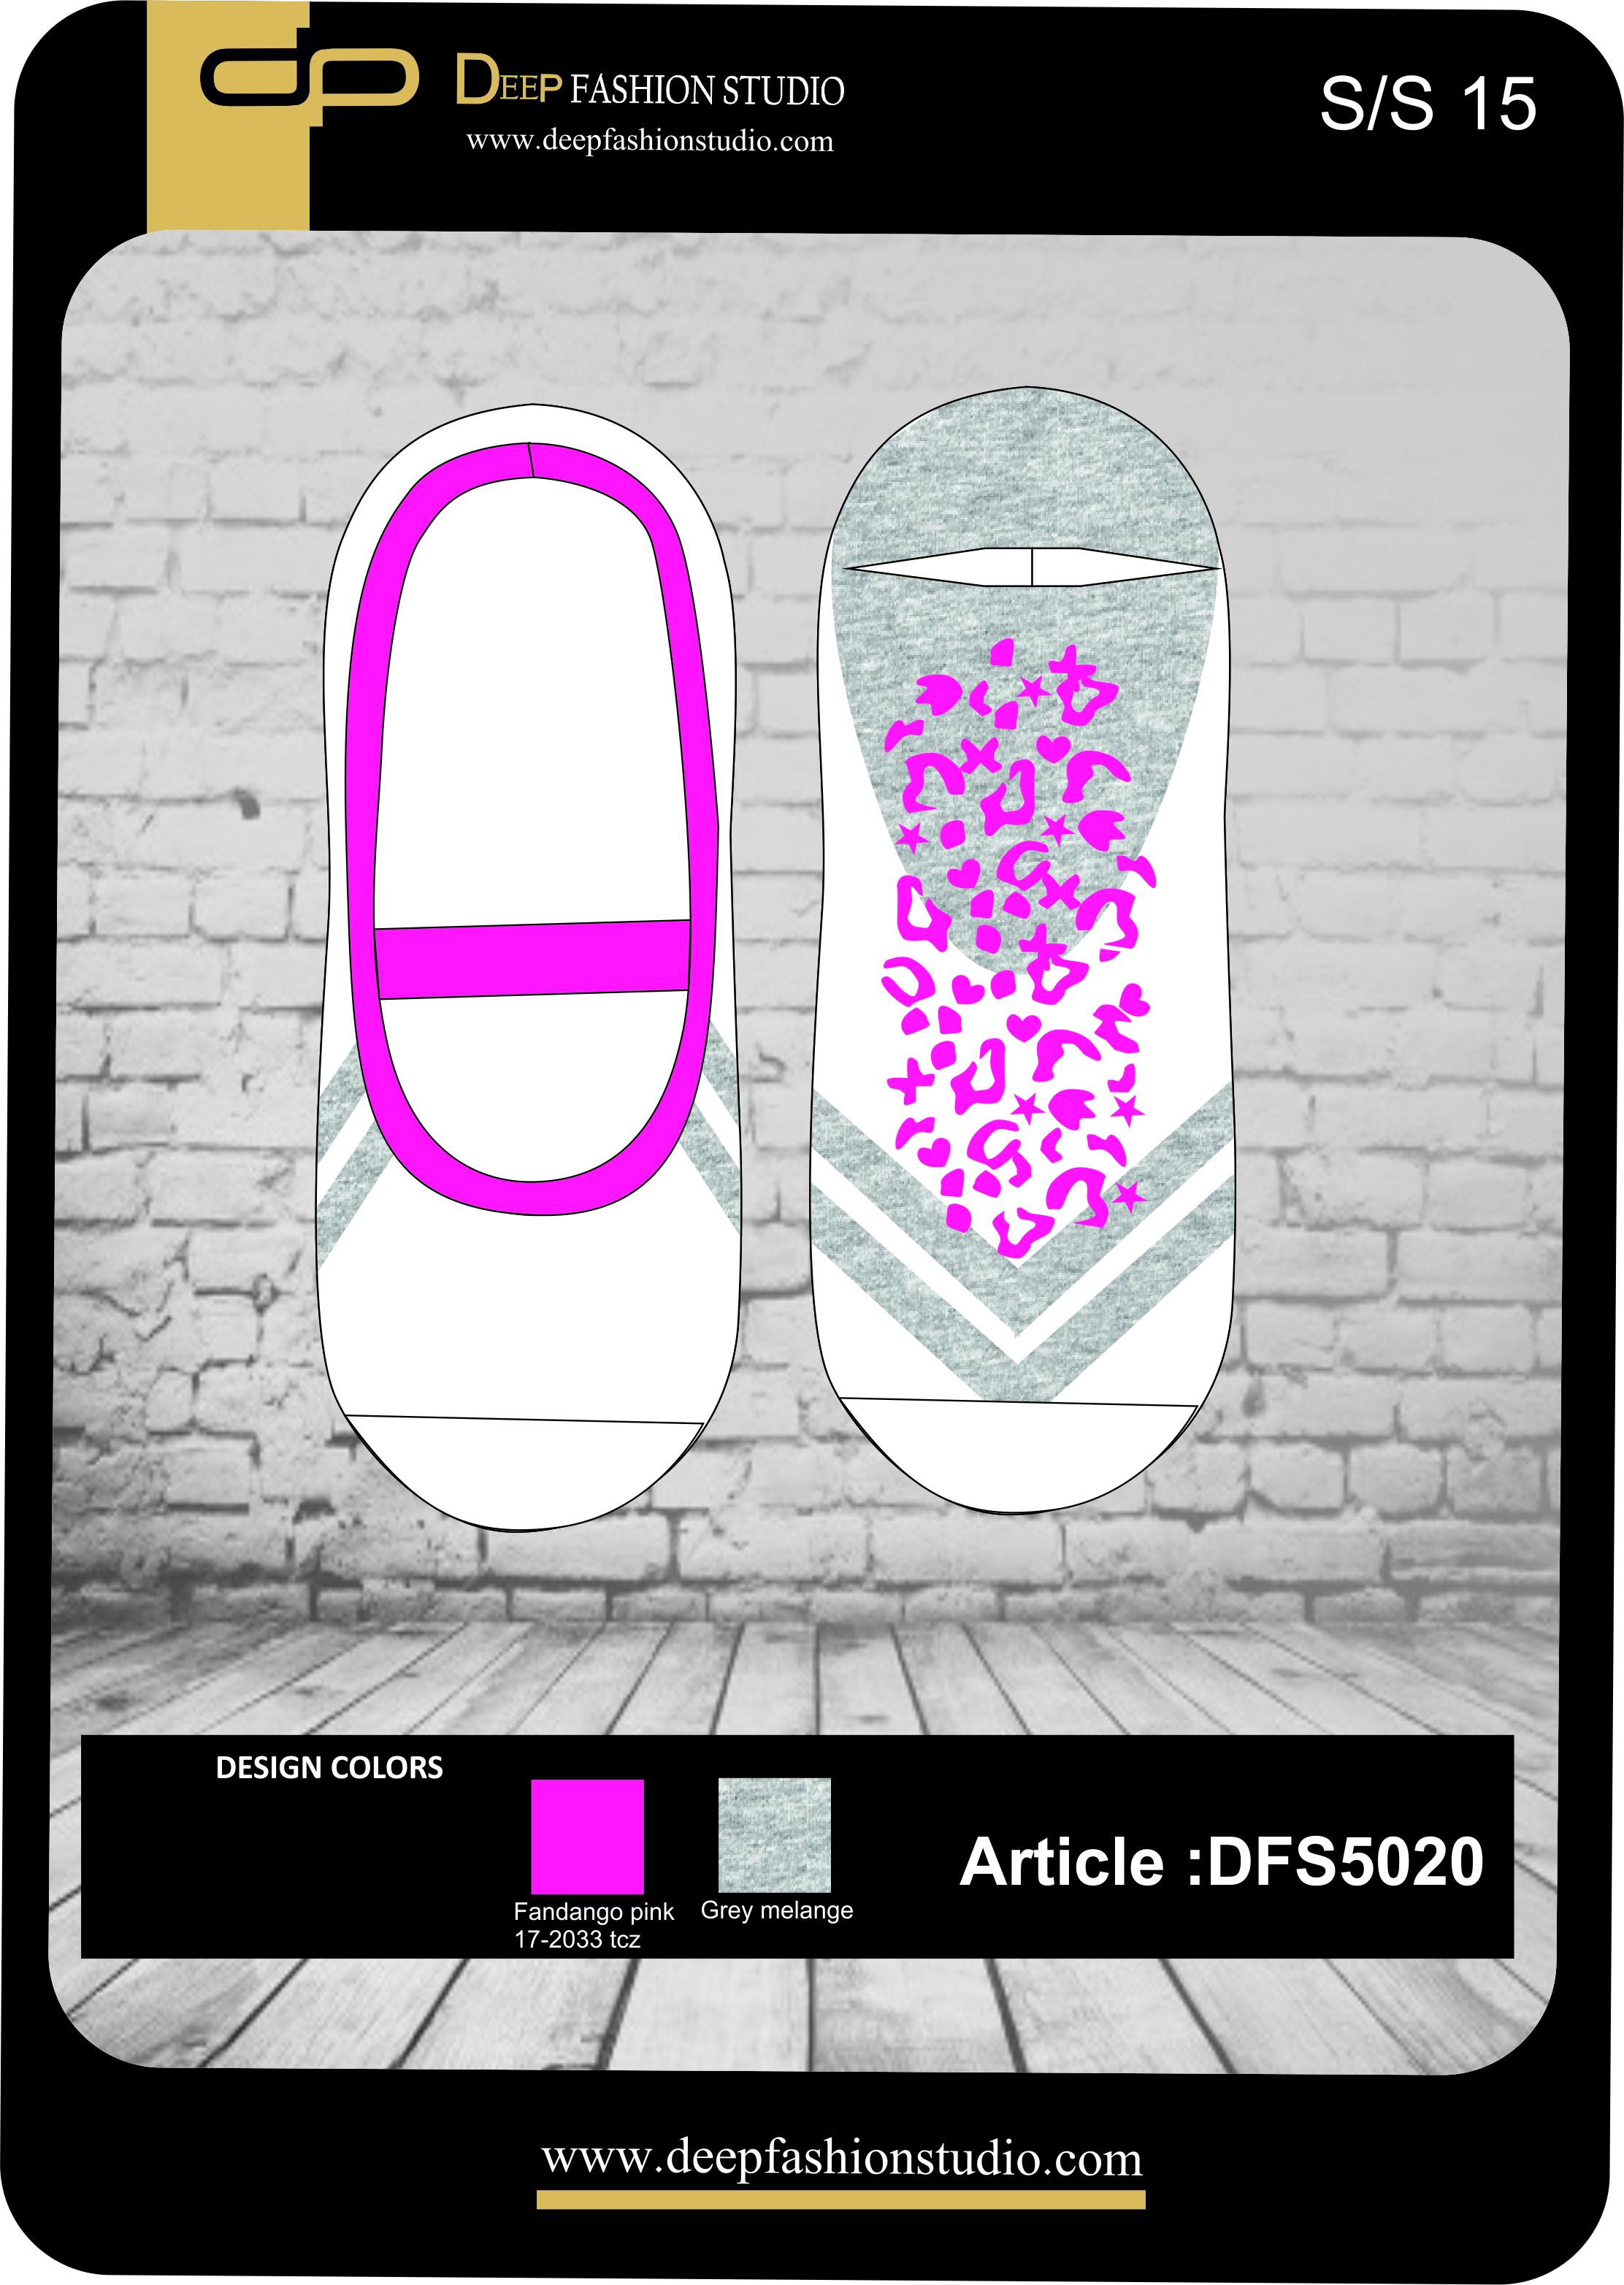 dfs5020